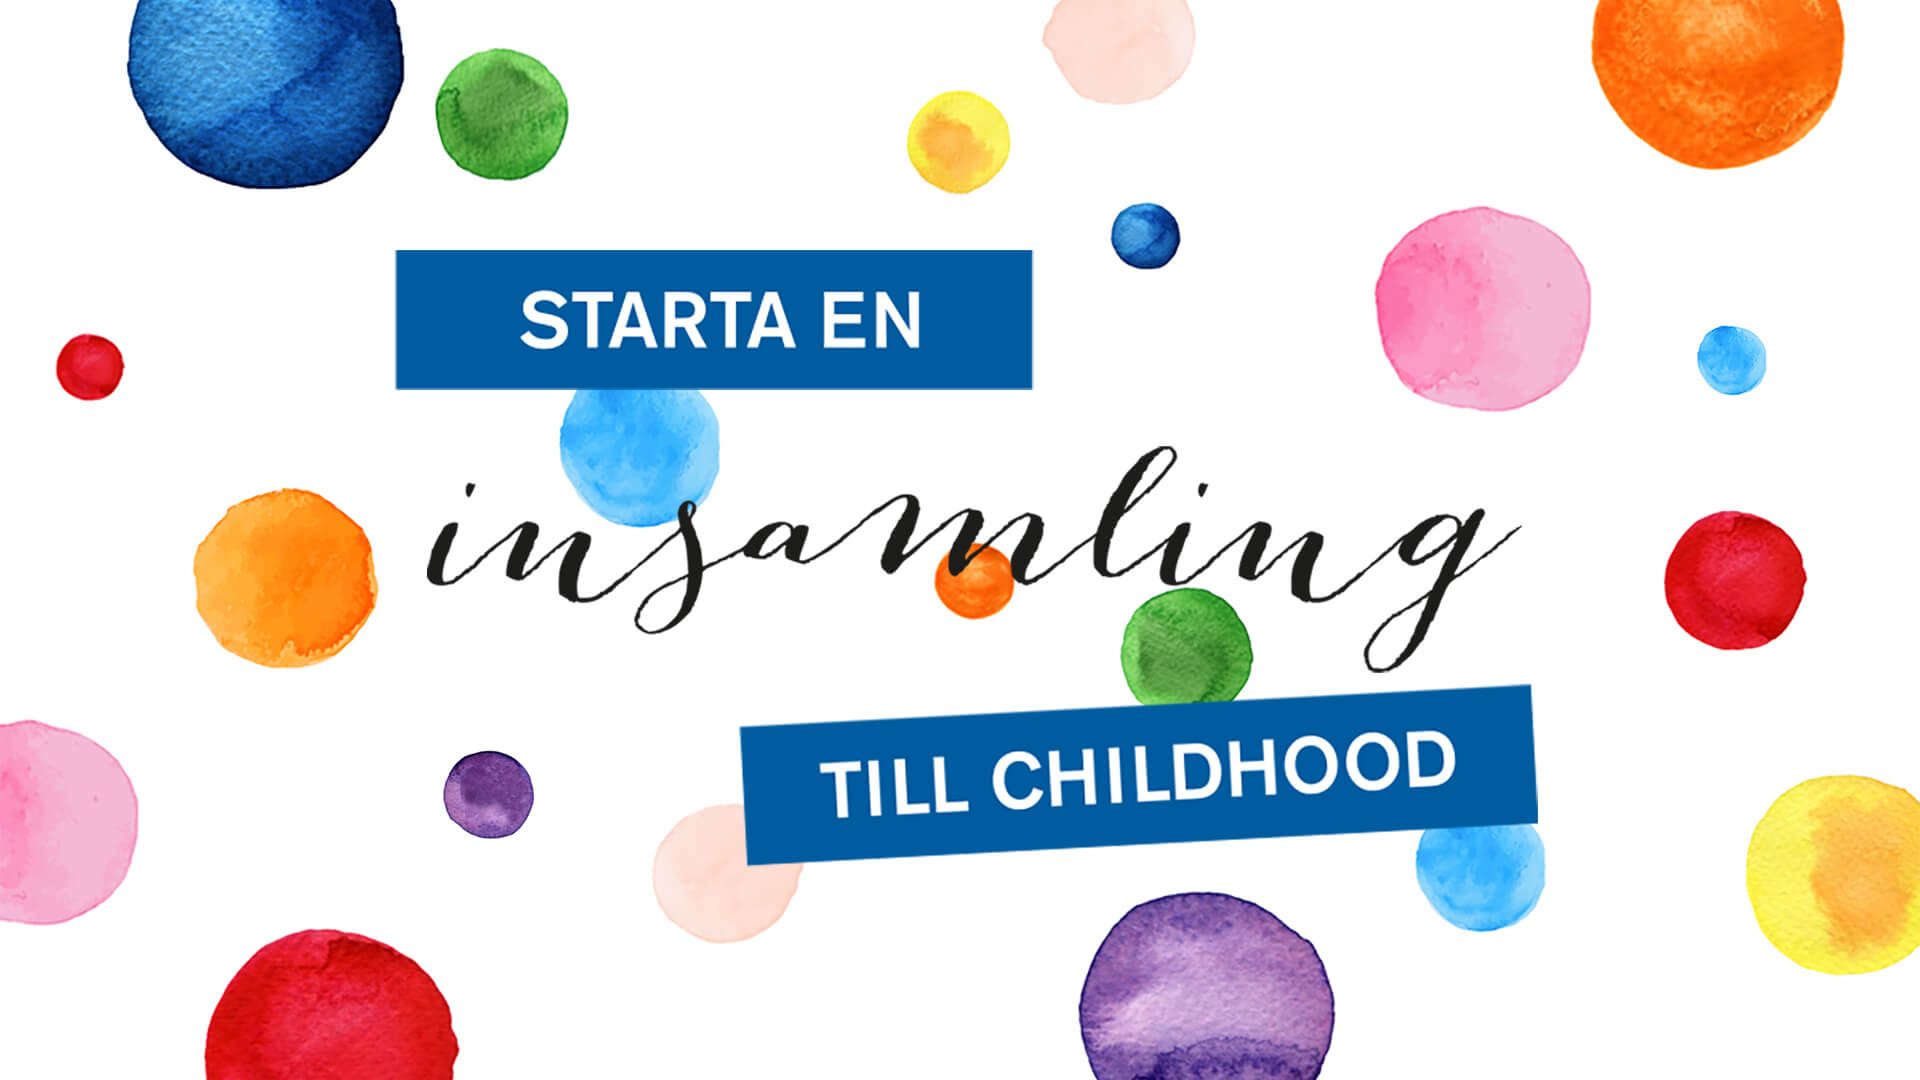 Starta en insamling till Childhood